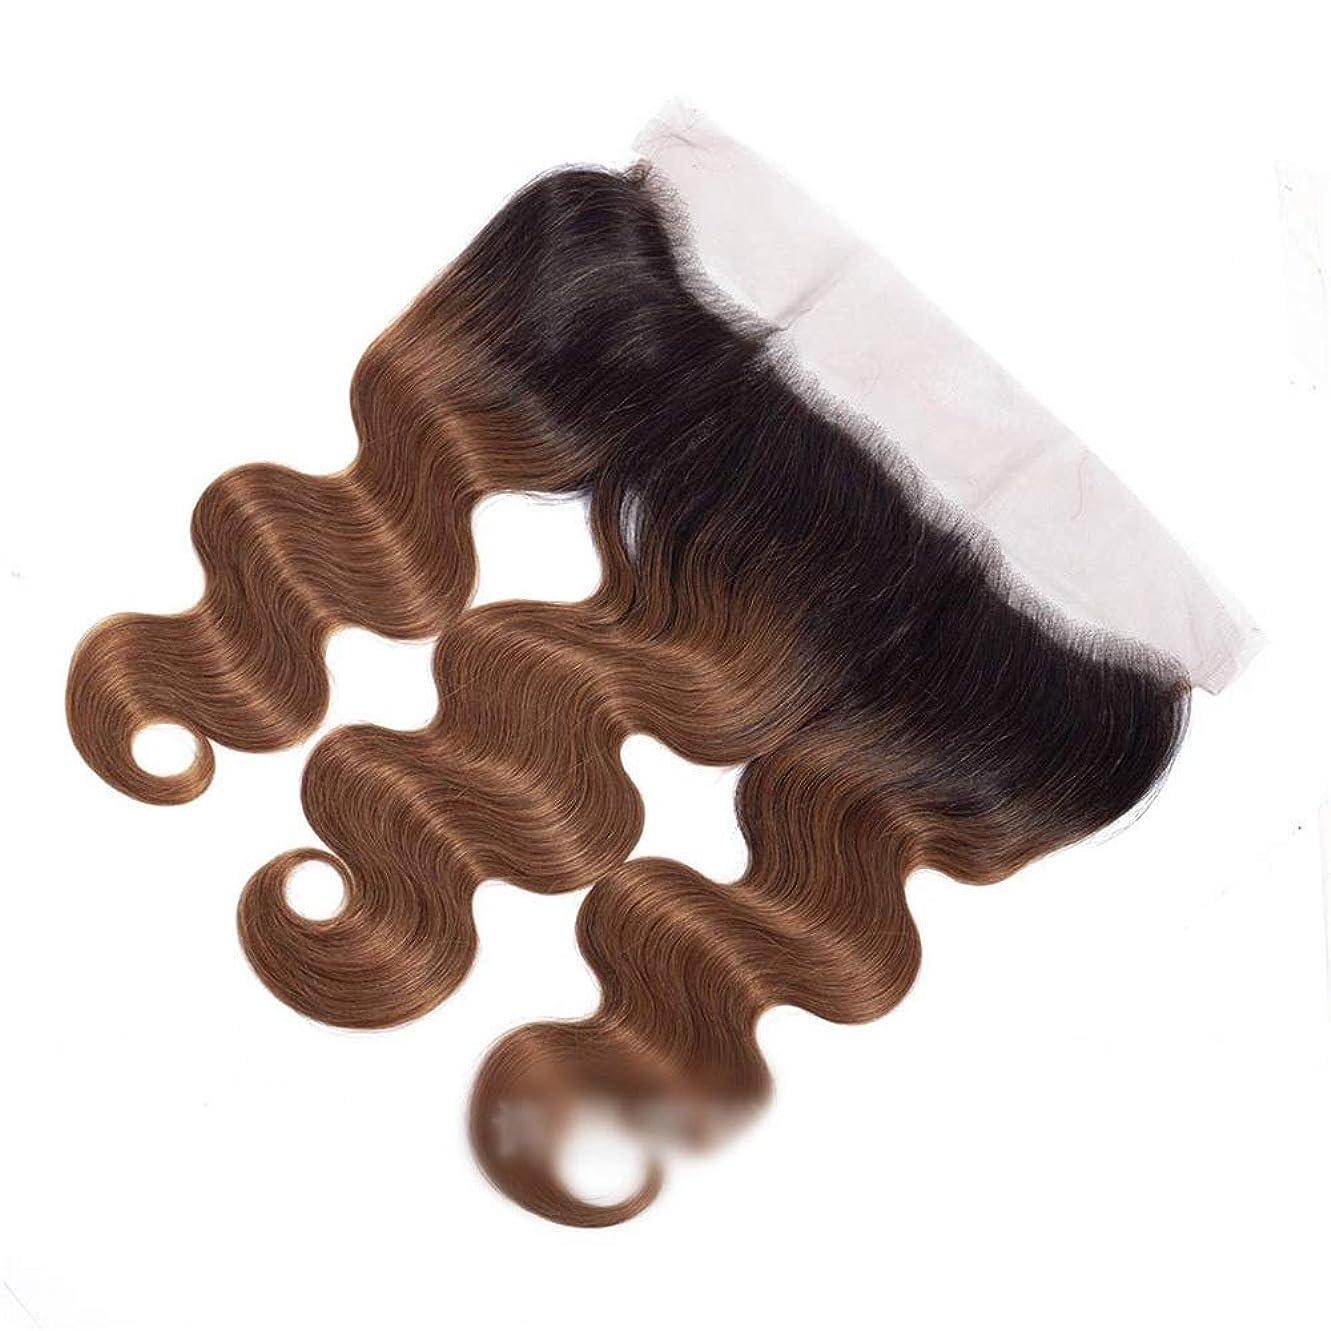 ワーム記憶に残るトーナメントMayalina ブラジル実体波13 * 4レース閉鎖無料部分100%未処理人間の髪織り1B / 30 2トーンカラーロングカーリーウィッグ (色 : ブラウン, サイズ : 18 inch)